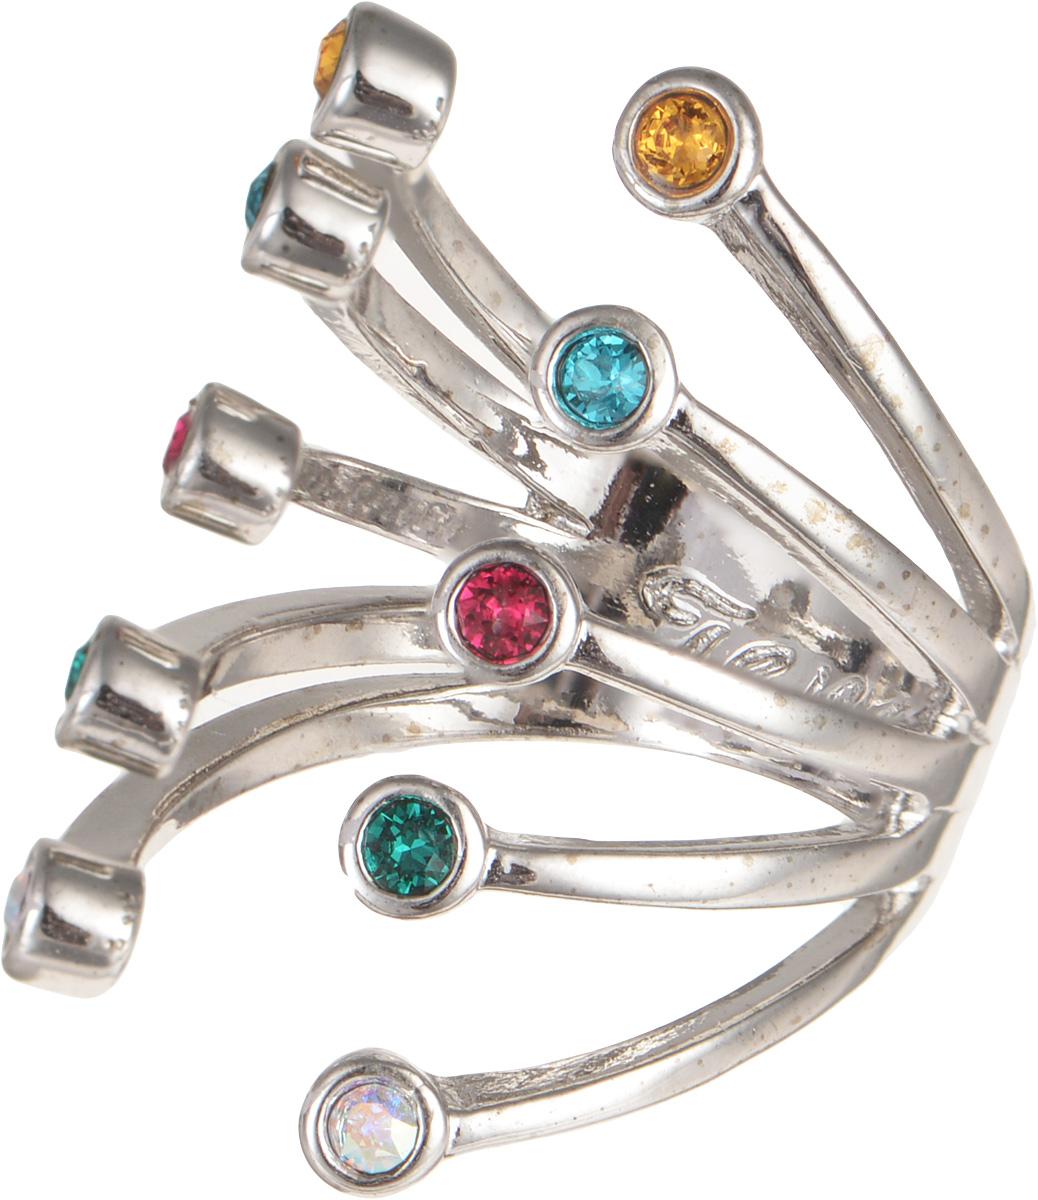 Jenavi, Коллекция Триада, Пурина (Кольцо), цвет - серебряный, мультиколор, размер - 16f694f070Коллекция Триада, Пурина (Кольцо) гипоаллергенный ювелирный сплав,Серебрение c род. , вставка Кристаллы Swarovski , цвет - серебряный, мультиколор, размер - 16